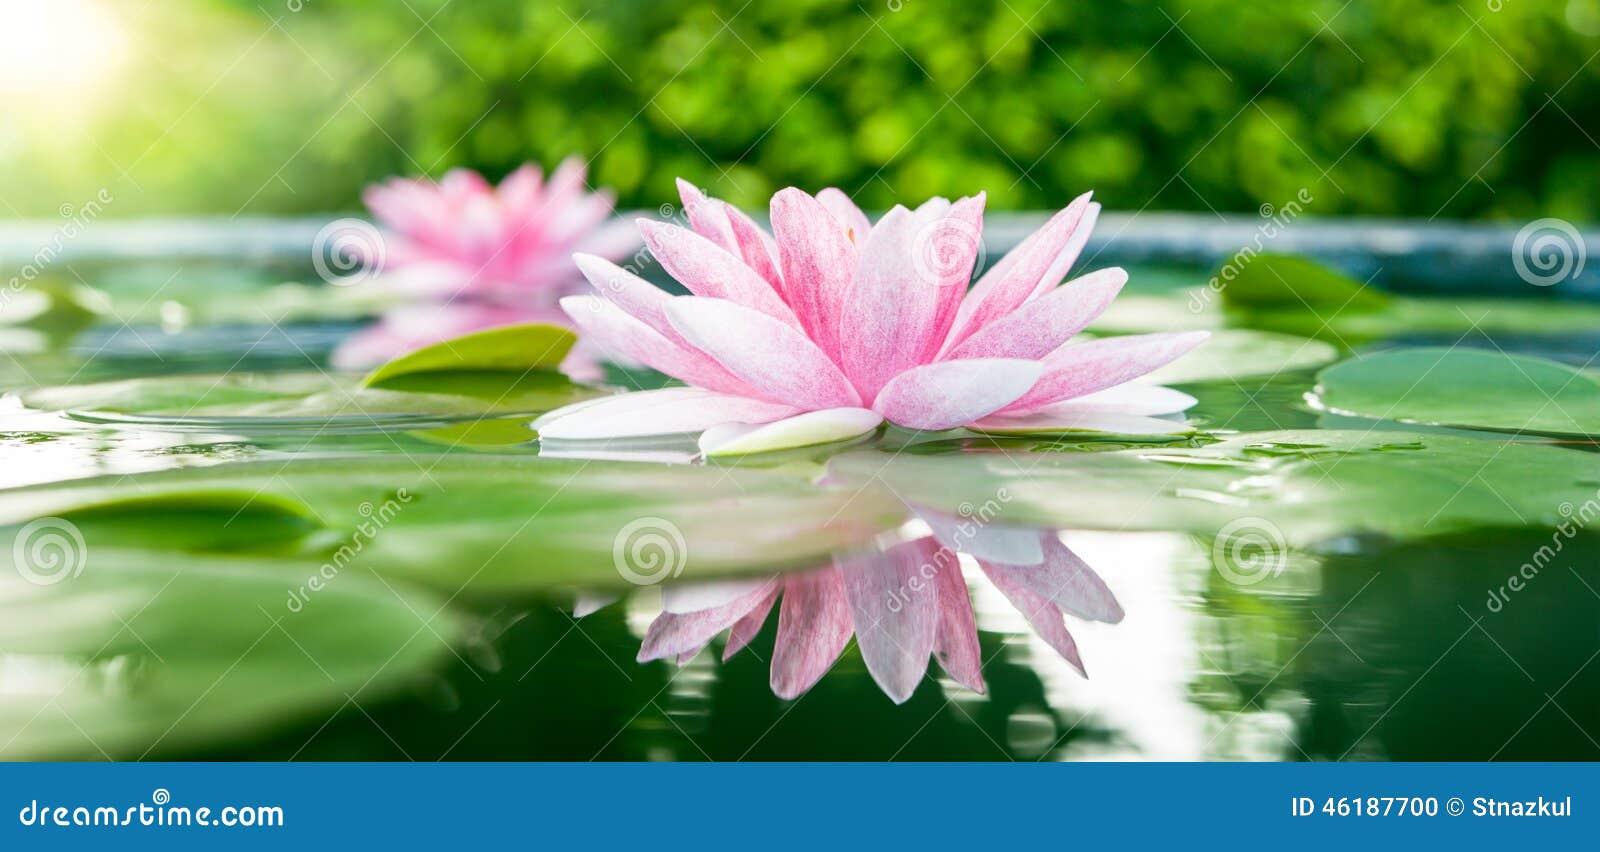 Όμορφο ρόδινο Lotus, εργοστάσιο νερού με την αντανάκλαση σε μια λίμνη